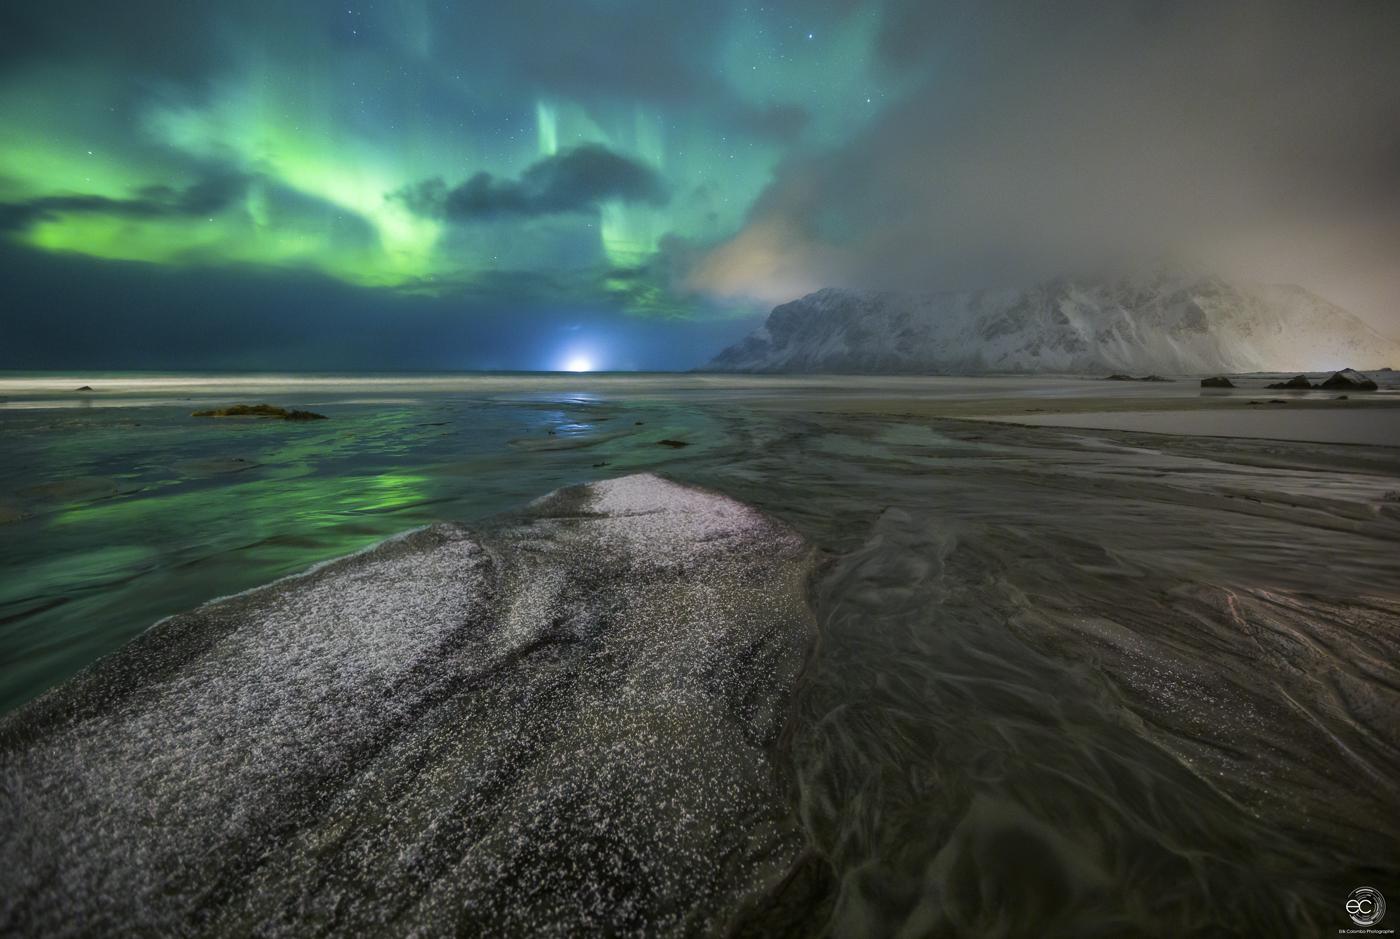 Paesaggio con aurora in Norvegia a Skagsanden di Erik Colombo per Home page